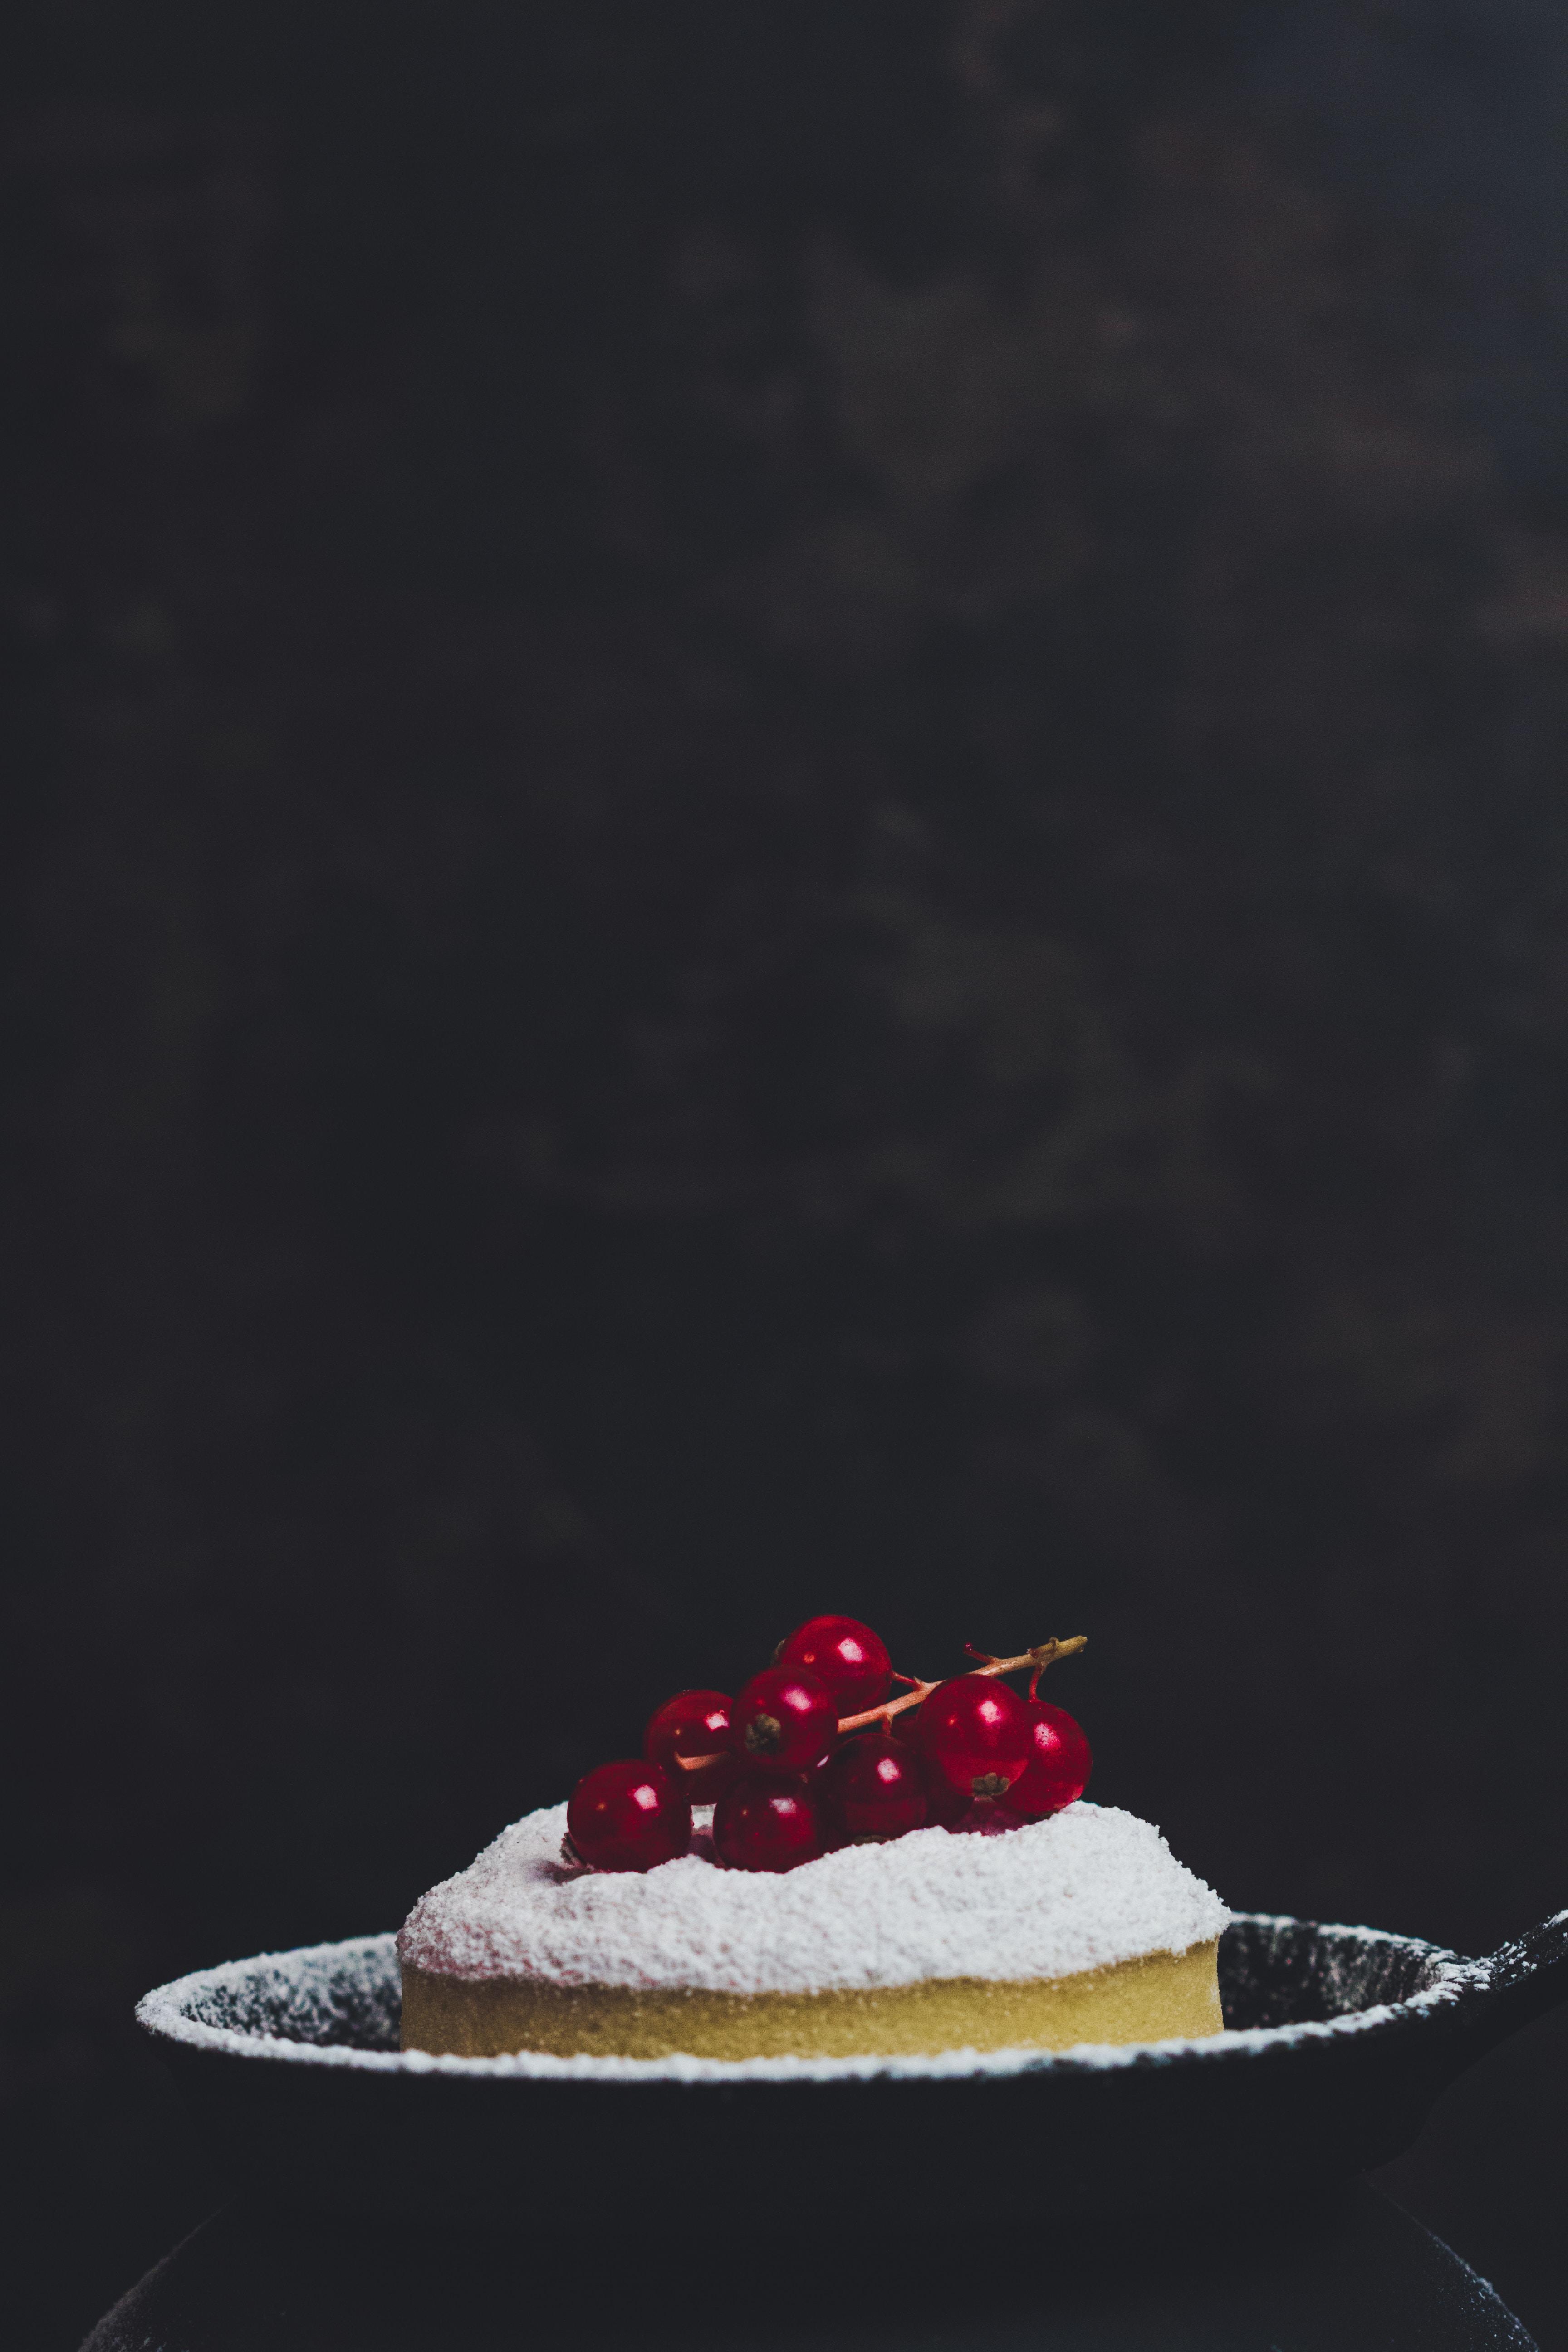 one slice of cake in black bowl